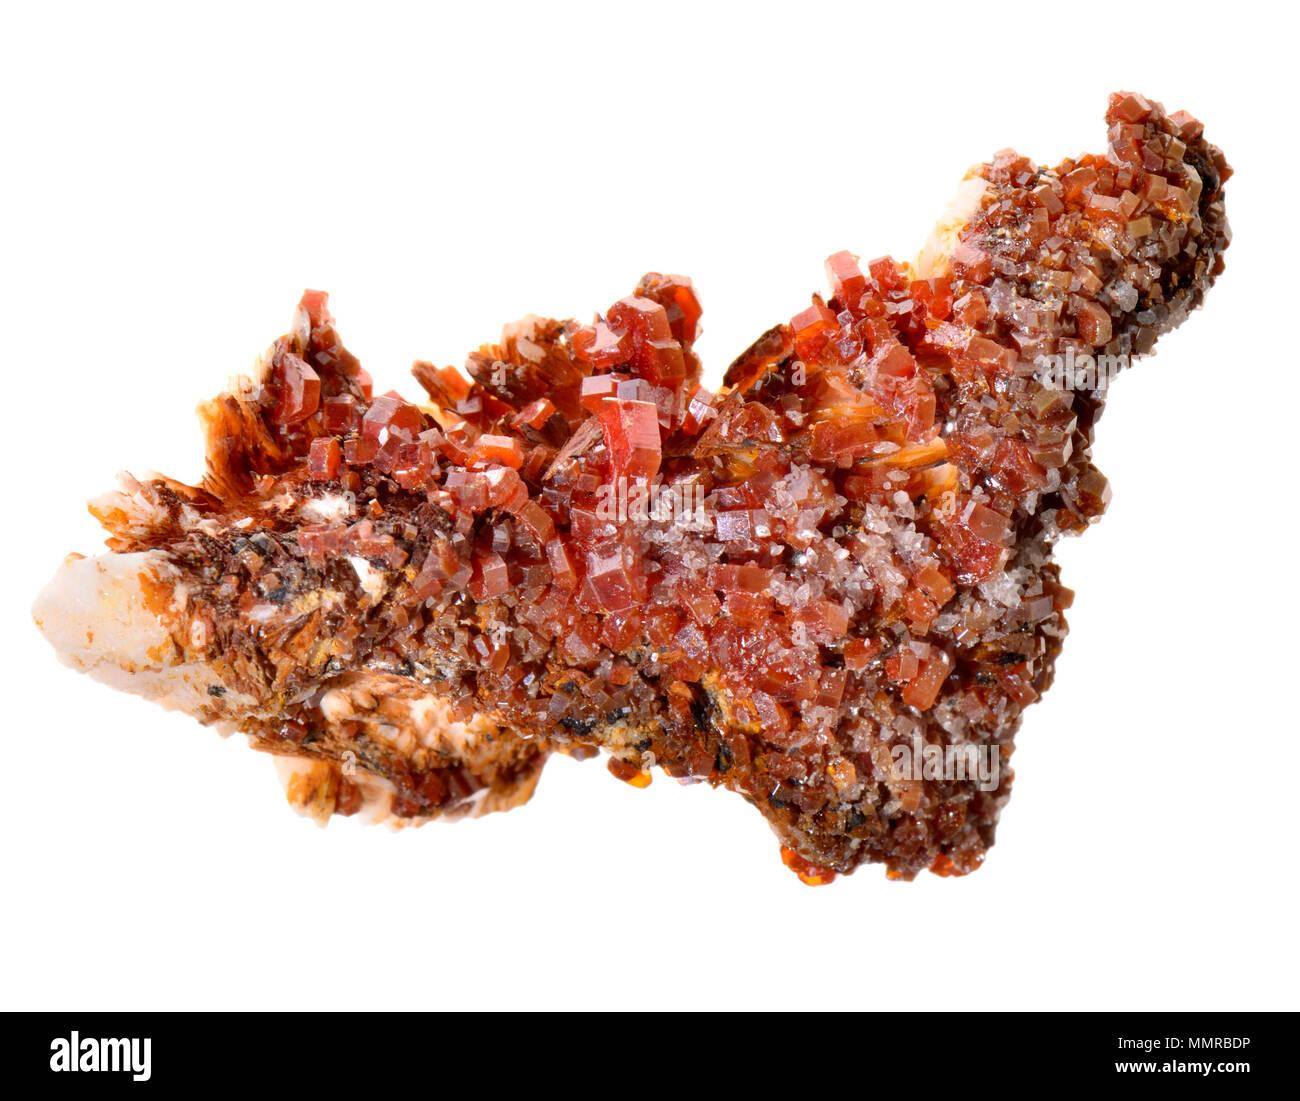 Vanadinite rosso (cristalli di vanadato e cloruro di piombo) Immagini Stock